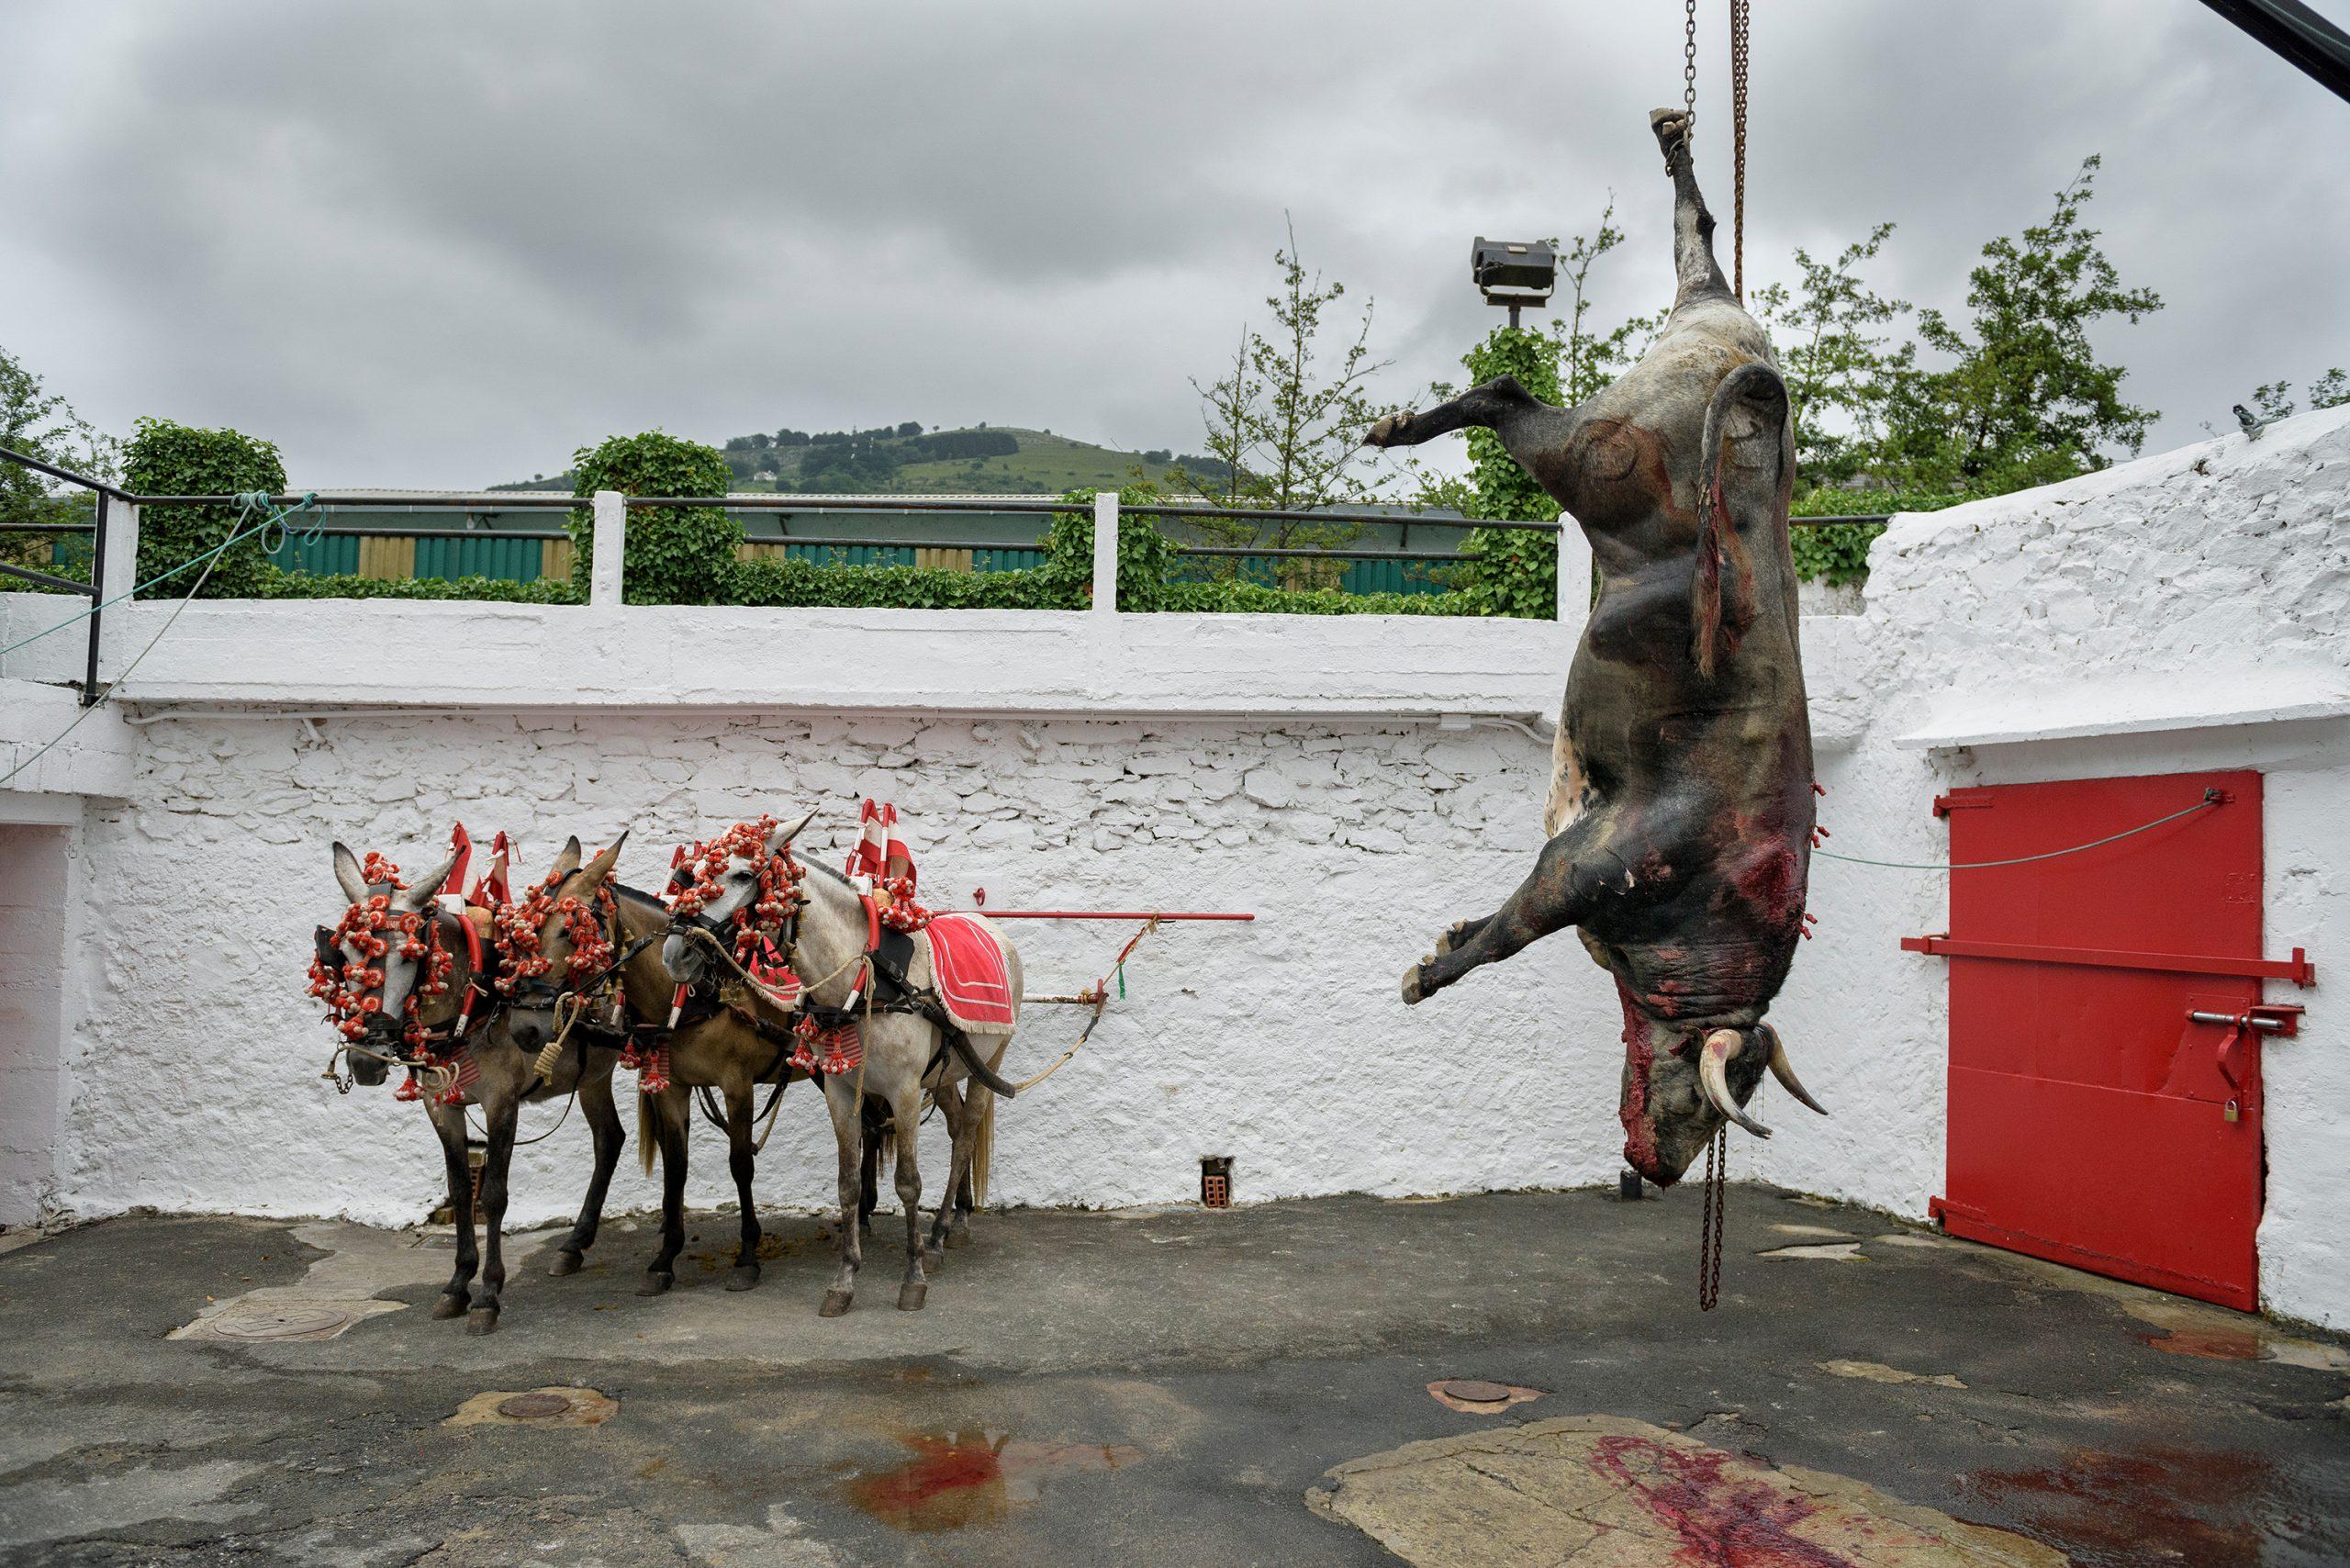 dead bull tied up